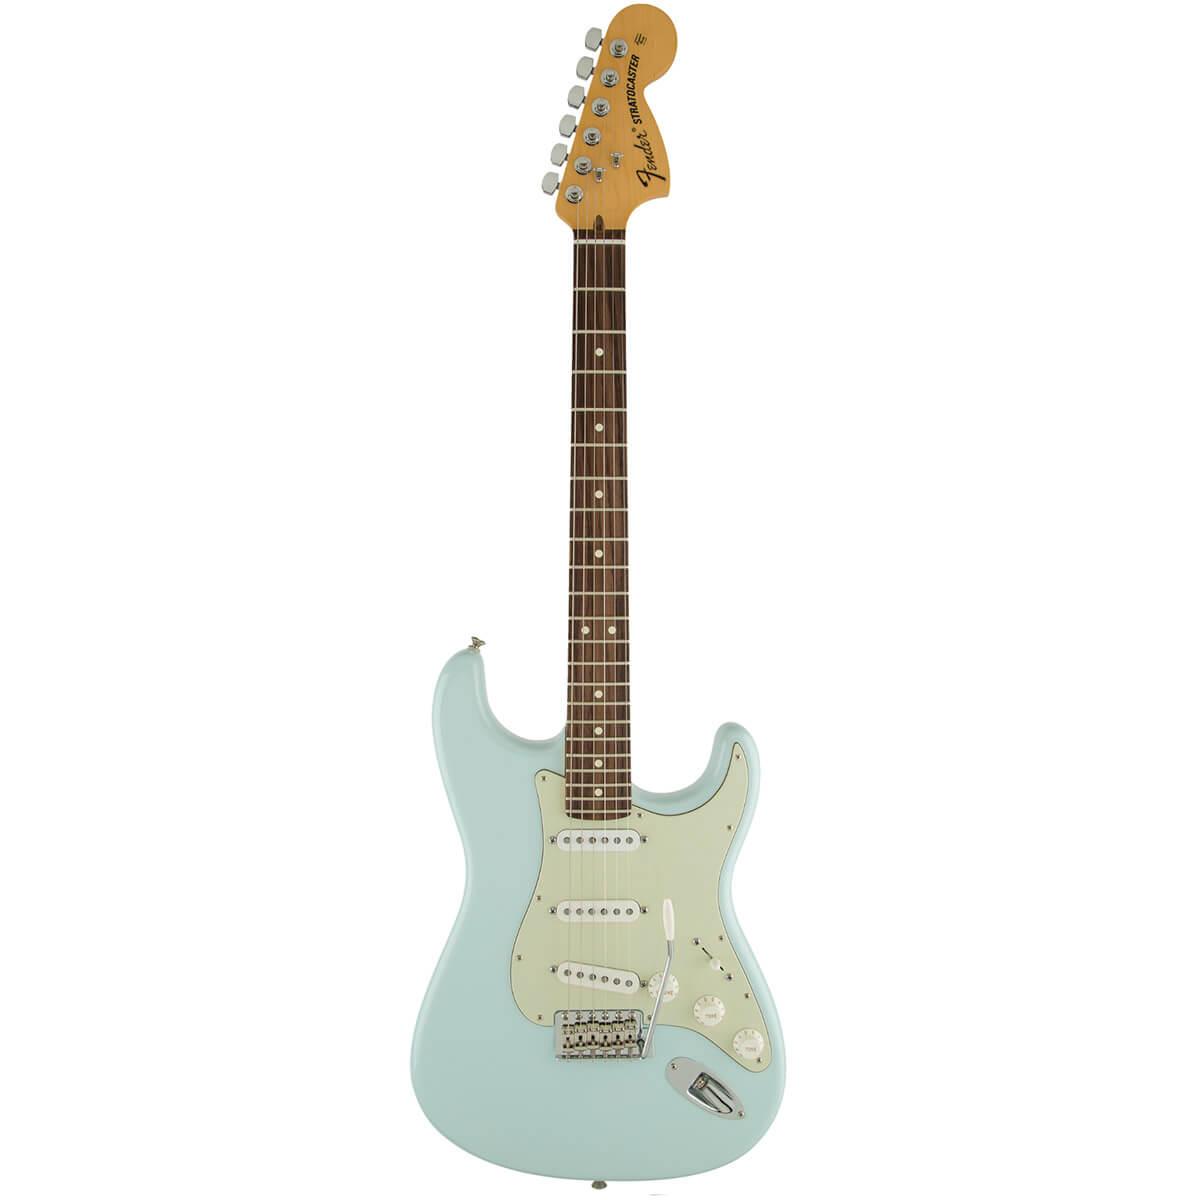 Fender AmericanSpecialStratocaster,RW,SBL el-guitar sonicblue